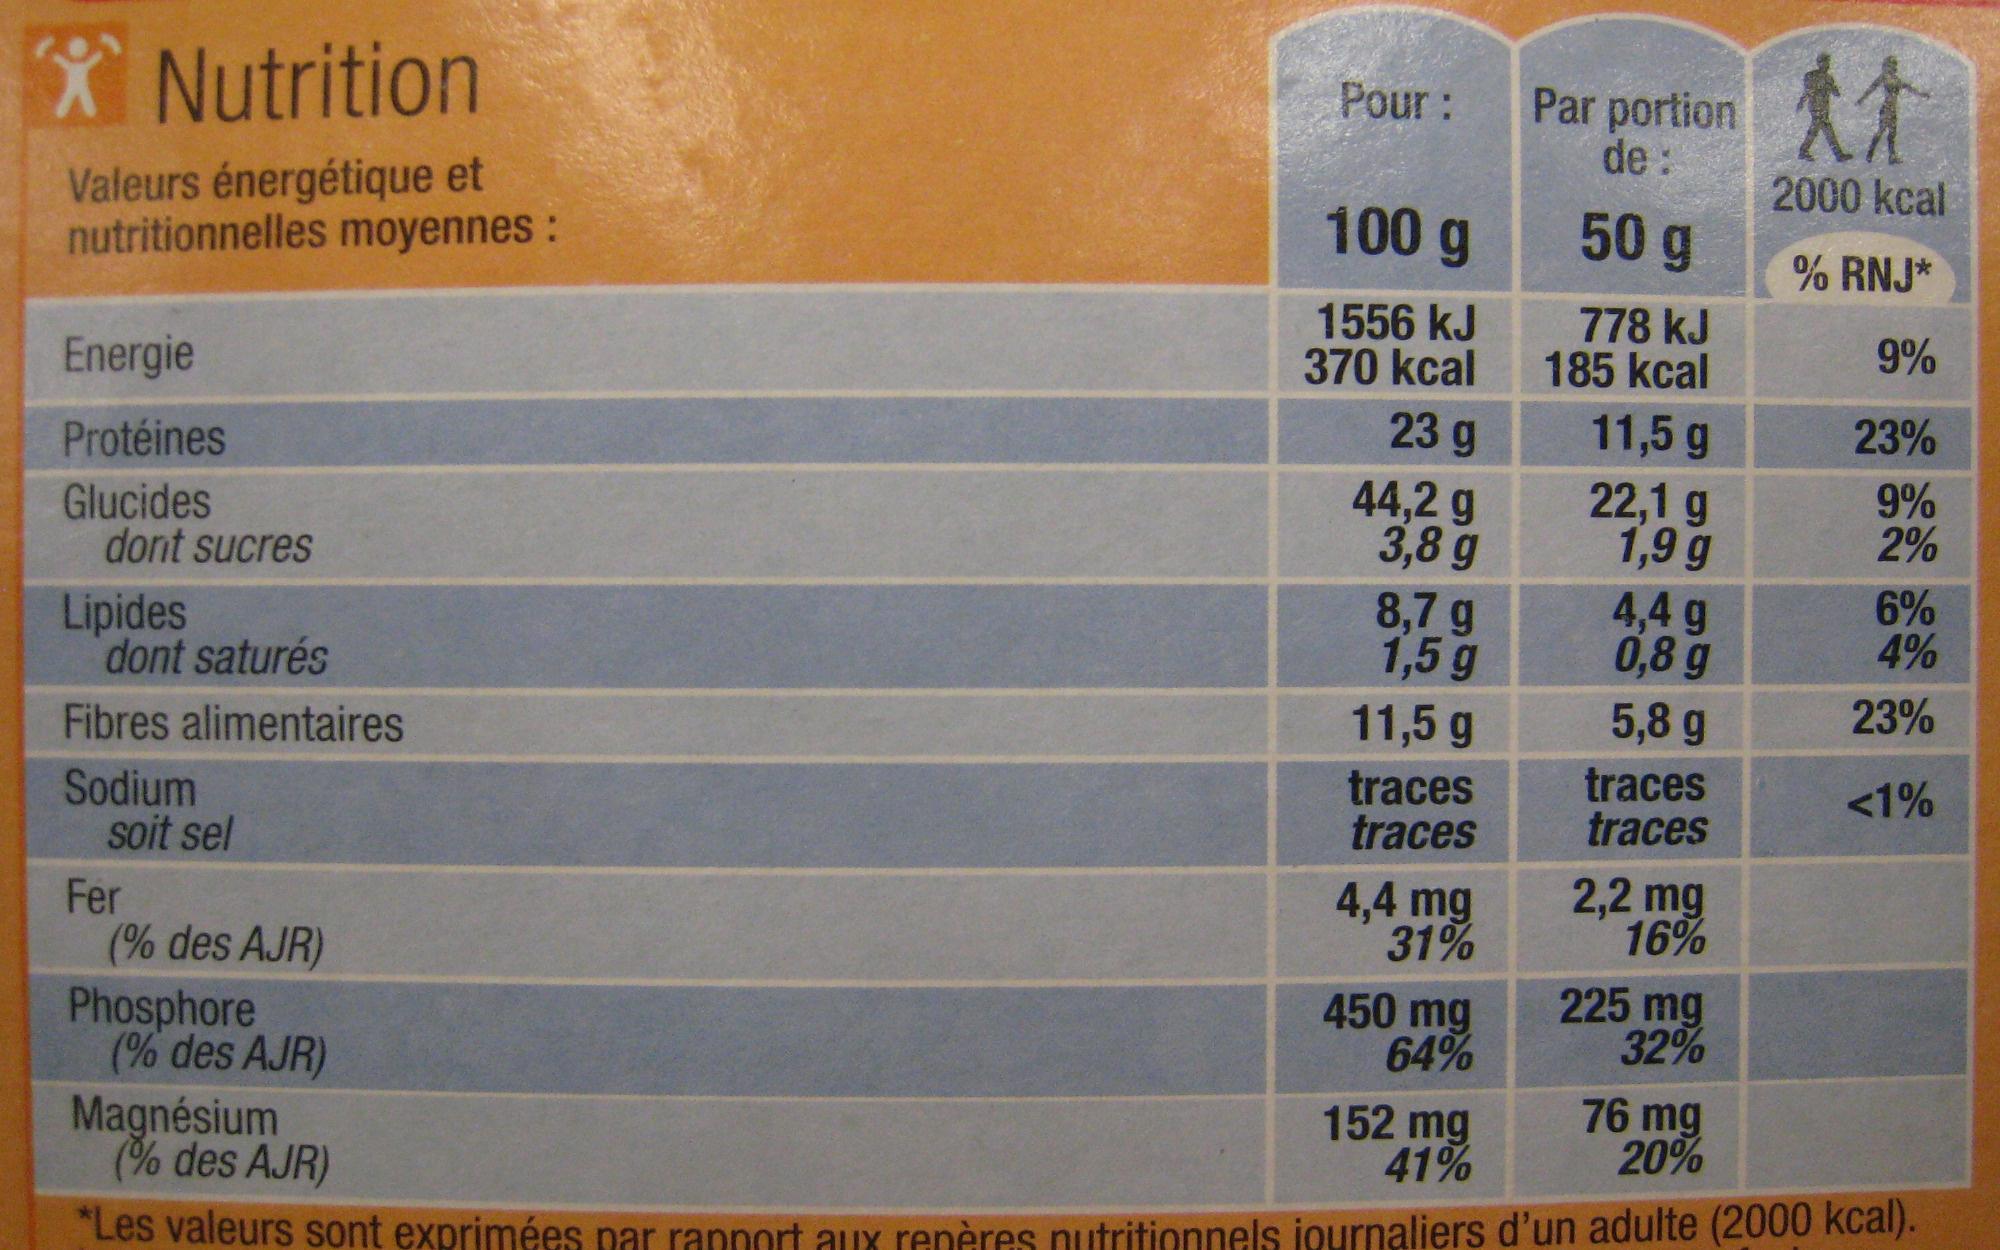 Mélange de céréales & légumes secs (Blé, soja, lentilles corail, quinoa rouge) - Voedingswaarden - fr